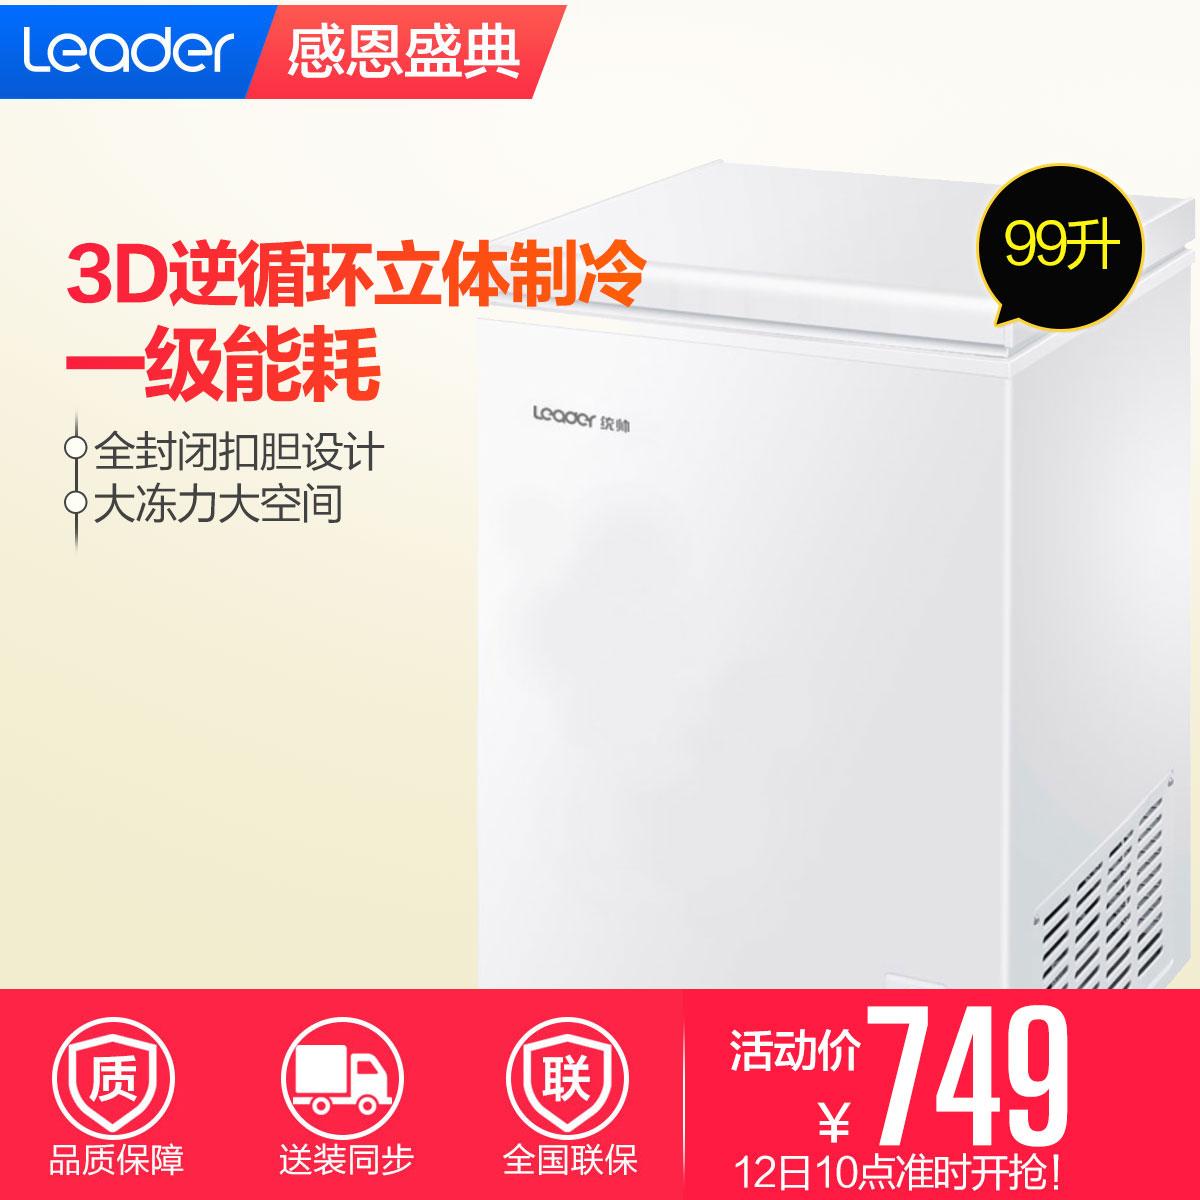 统帅99升家用冷柜,3D逆循环立体制冷,全封闭扣胆设计,一级能耗,大冻力大空间。 BC/BD-99TS